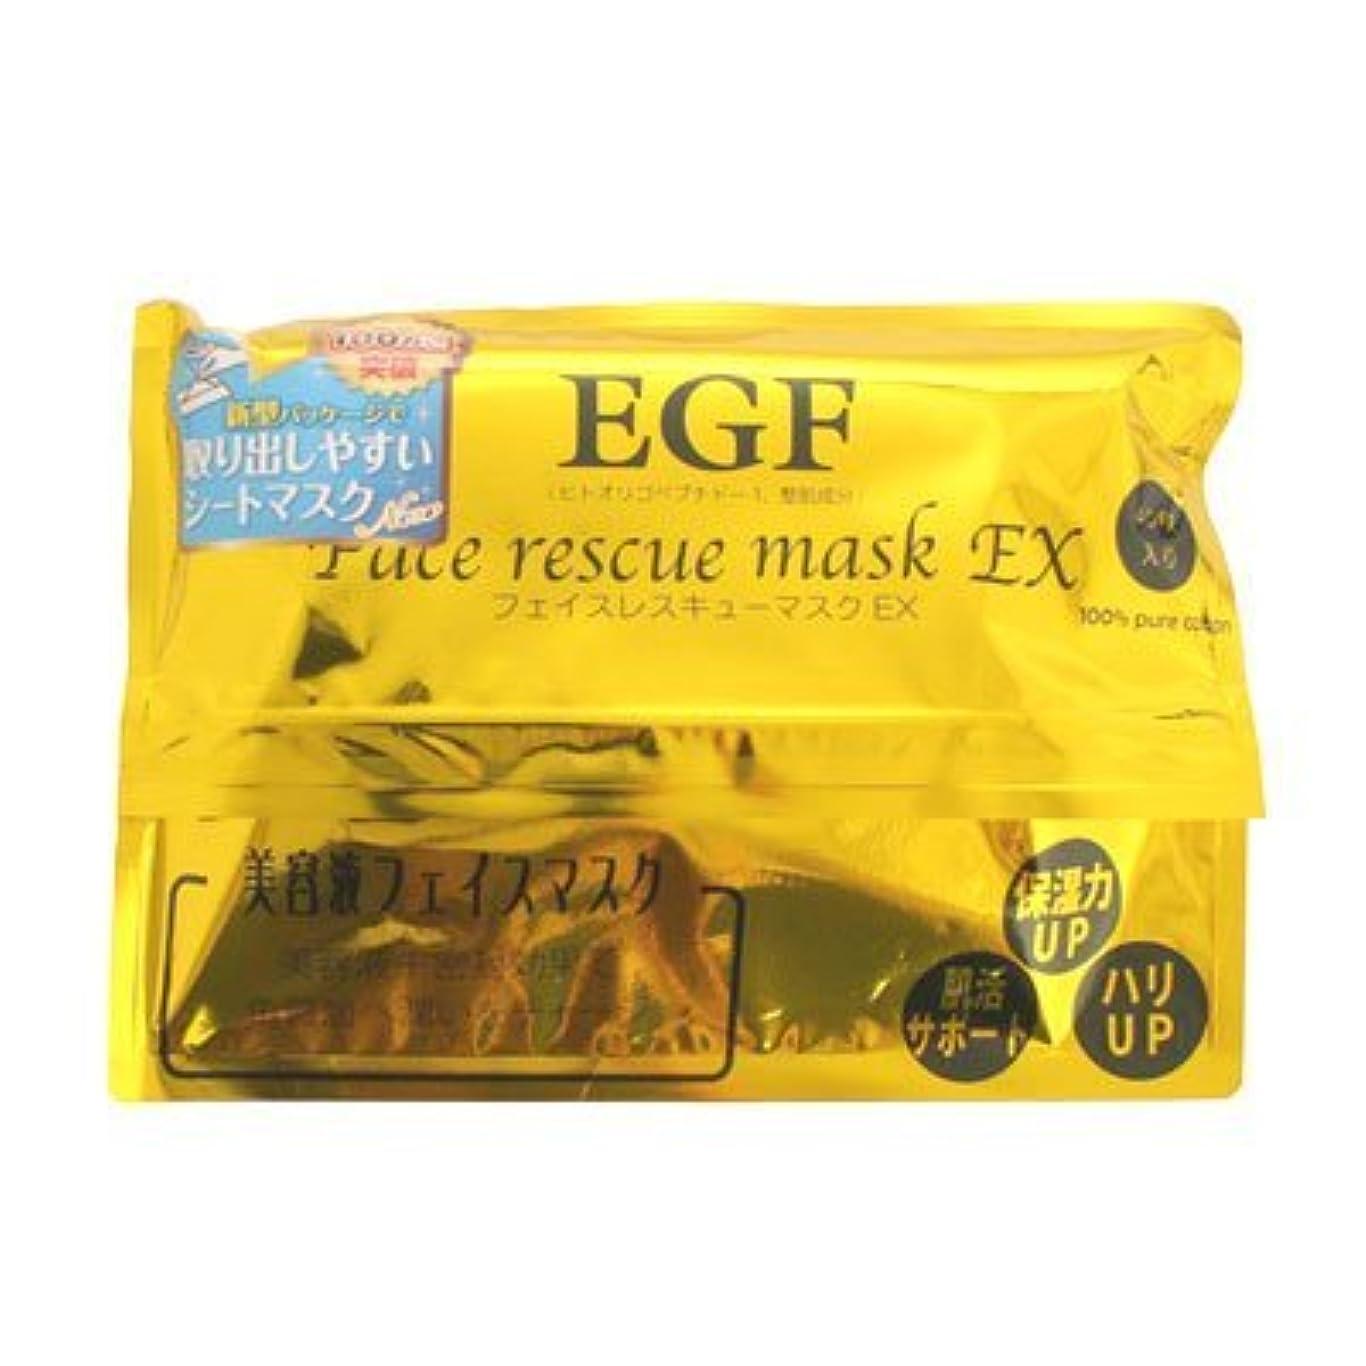 間欠動脈架空のEGF フェイス レスキュー マスク EX (40枚入り)